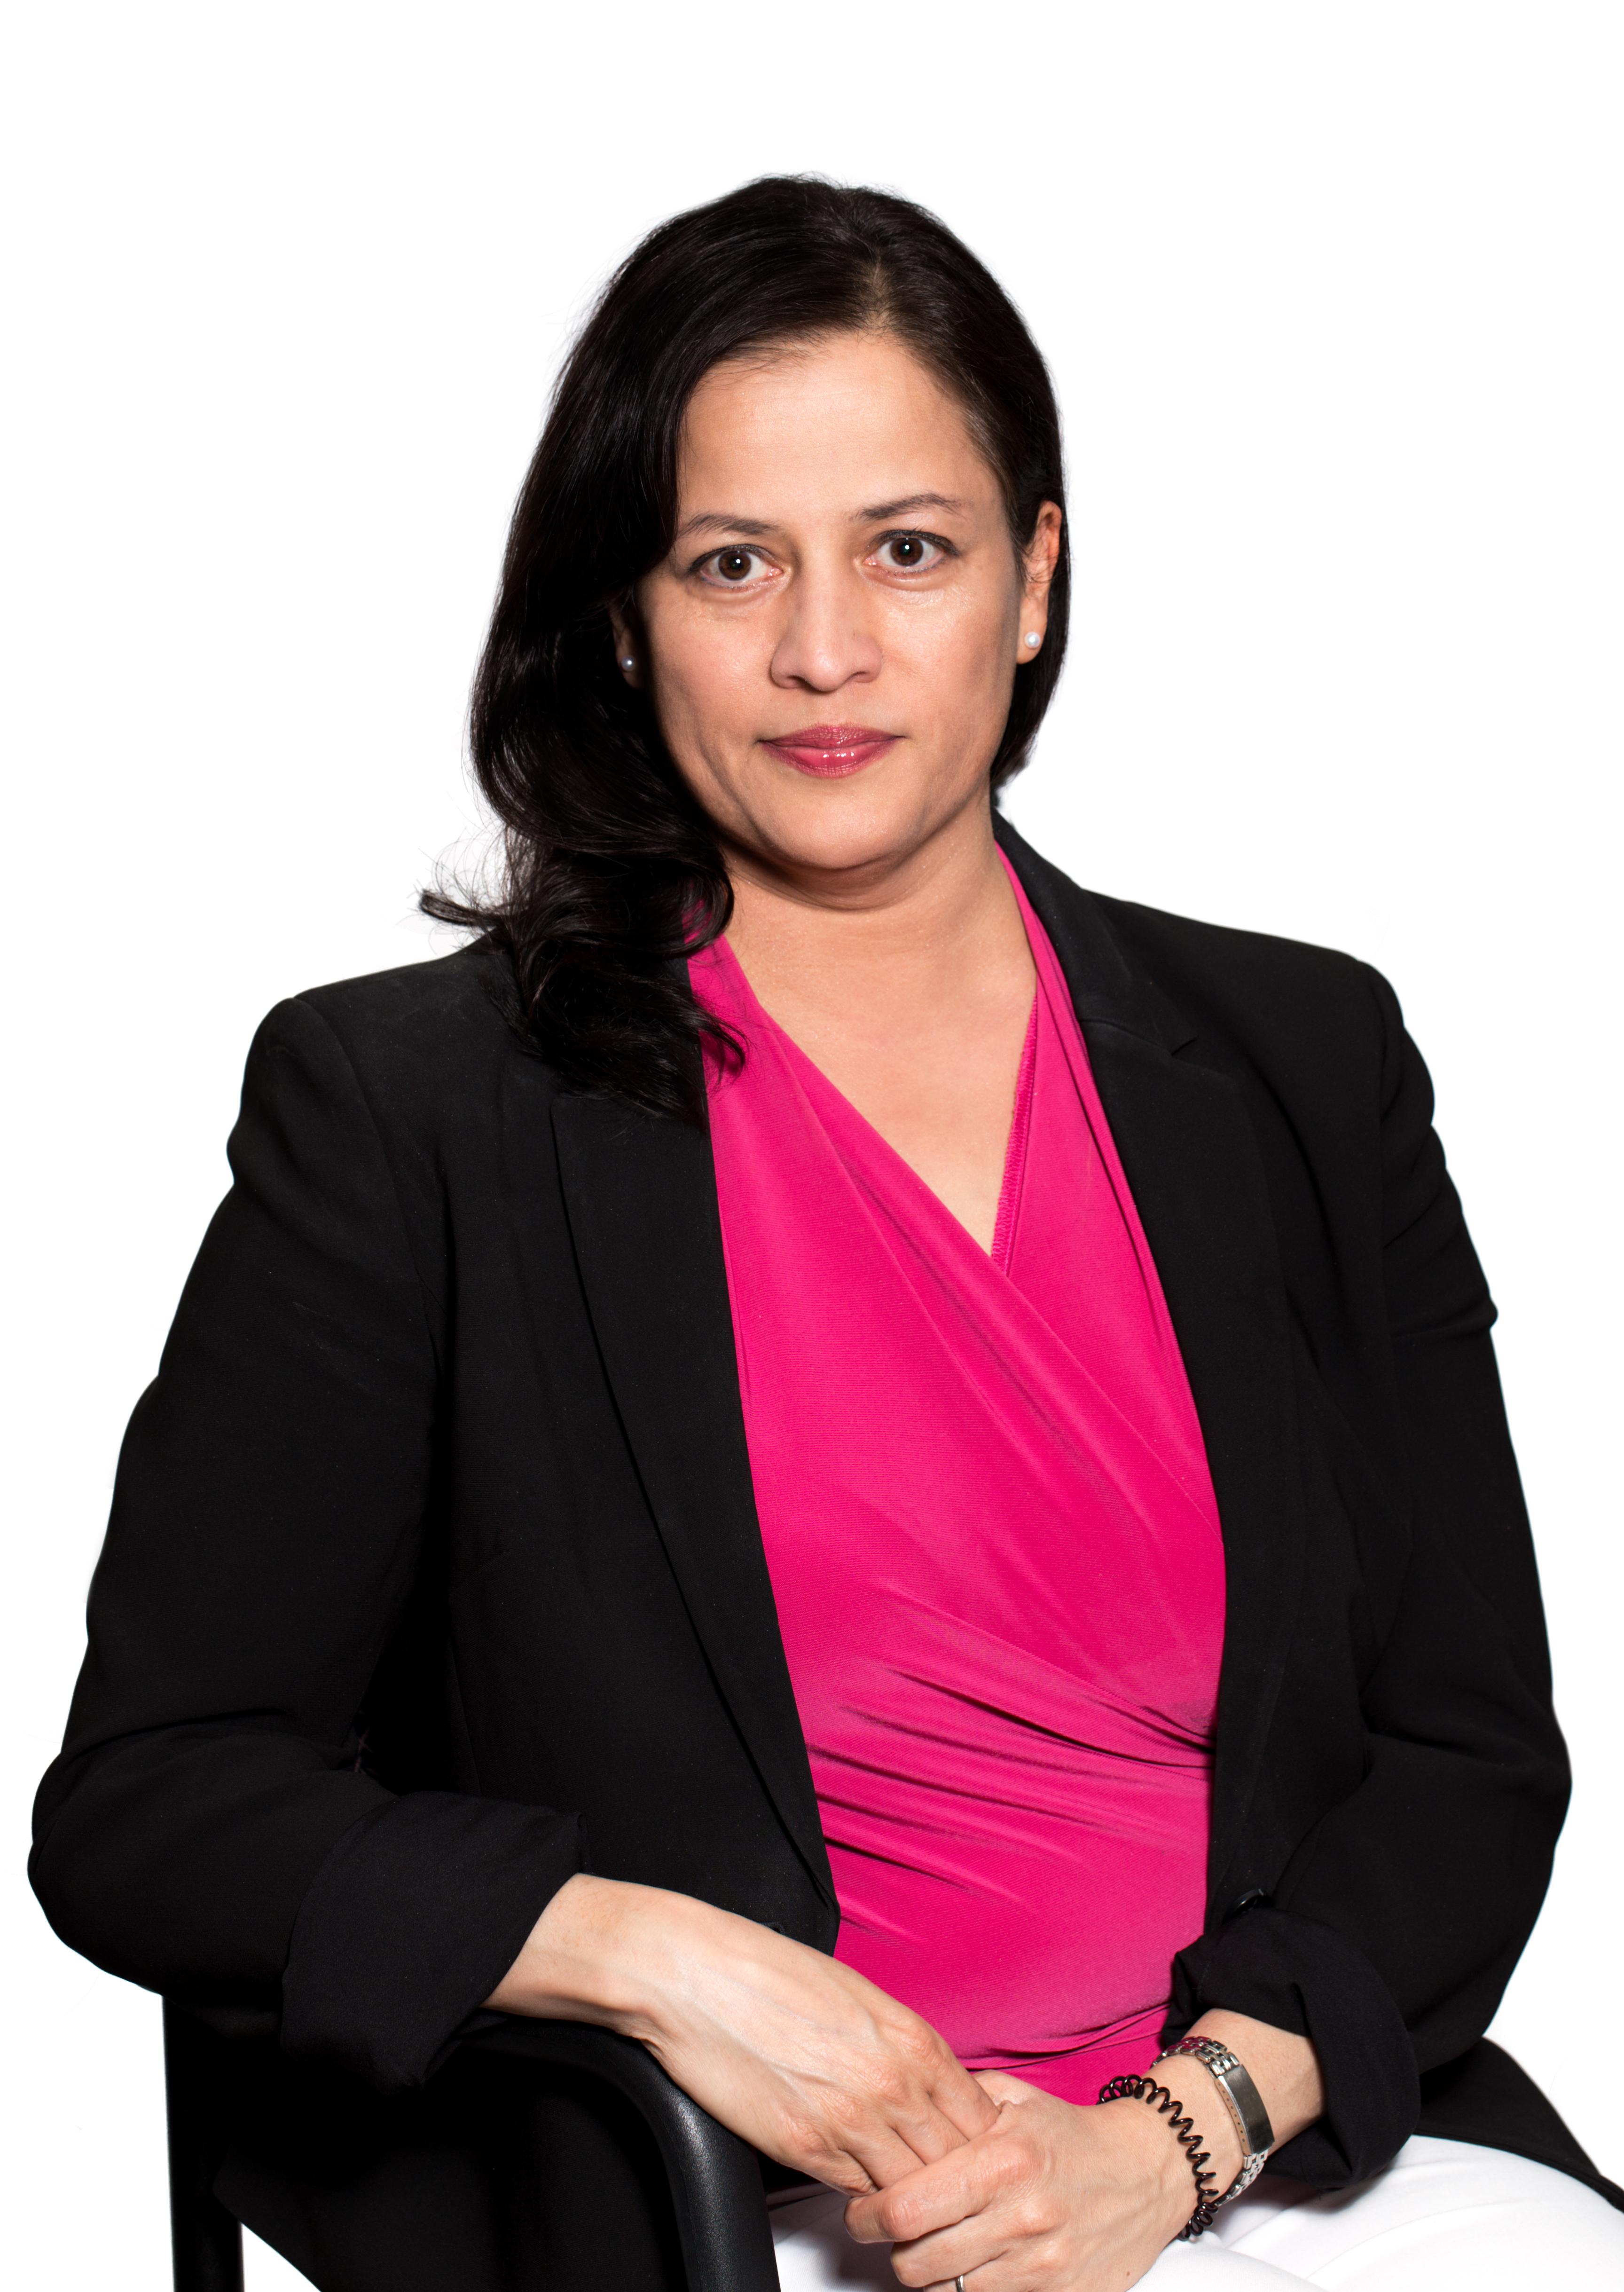 Dr. Viola Antao